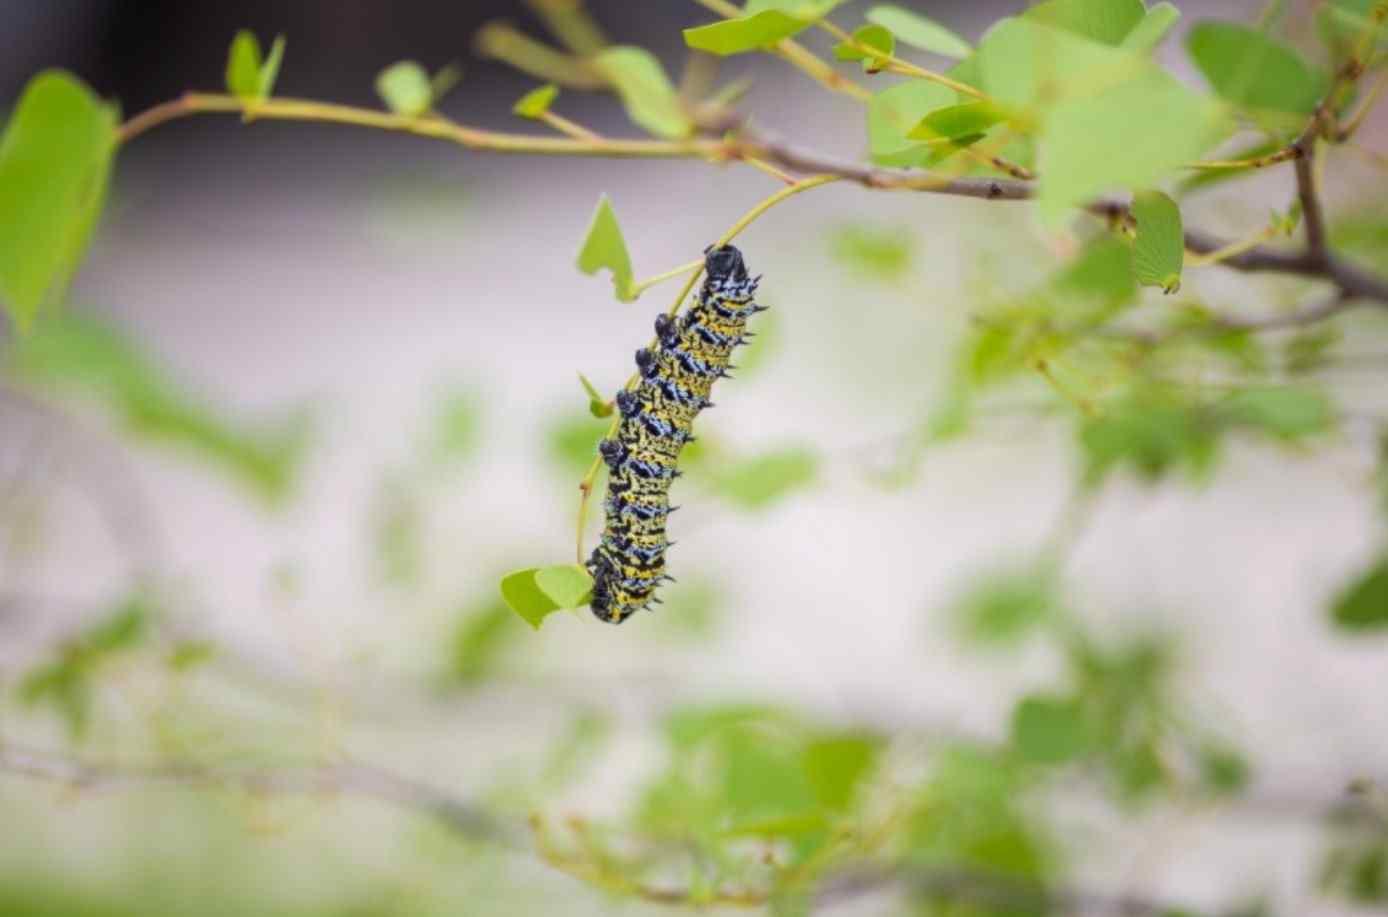 С гусеницами в саду помогут справиться… феромоны!